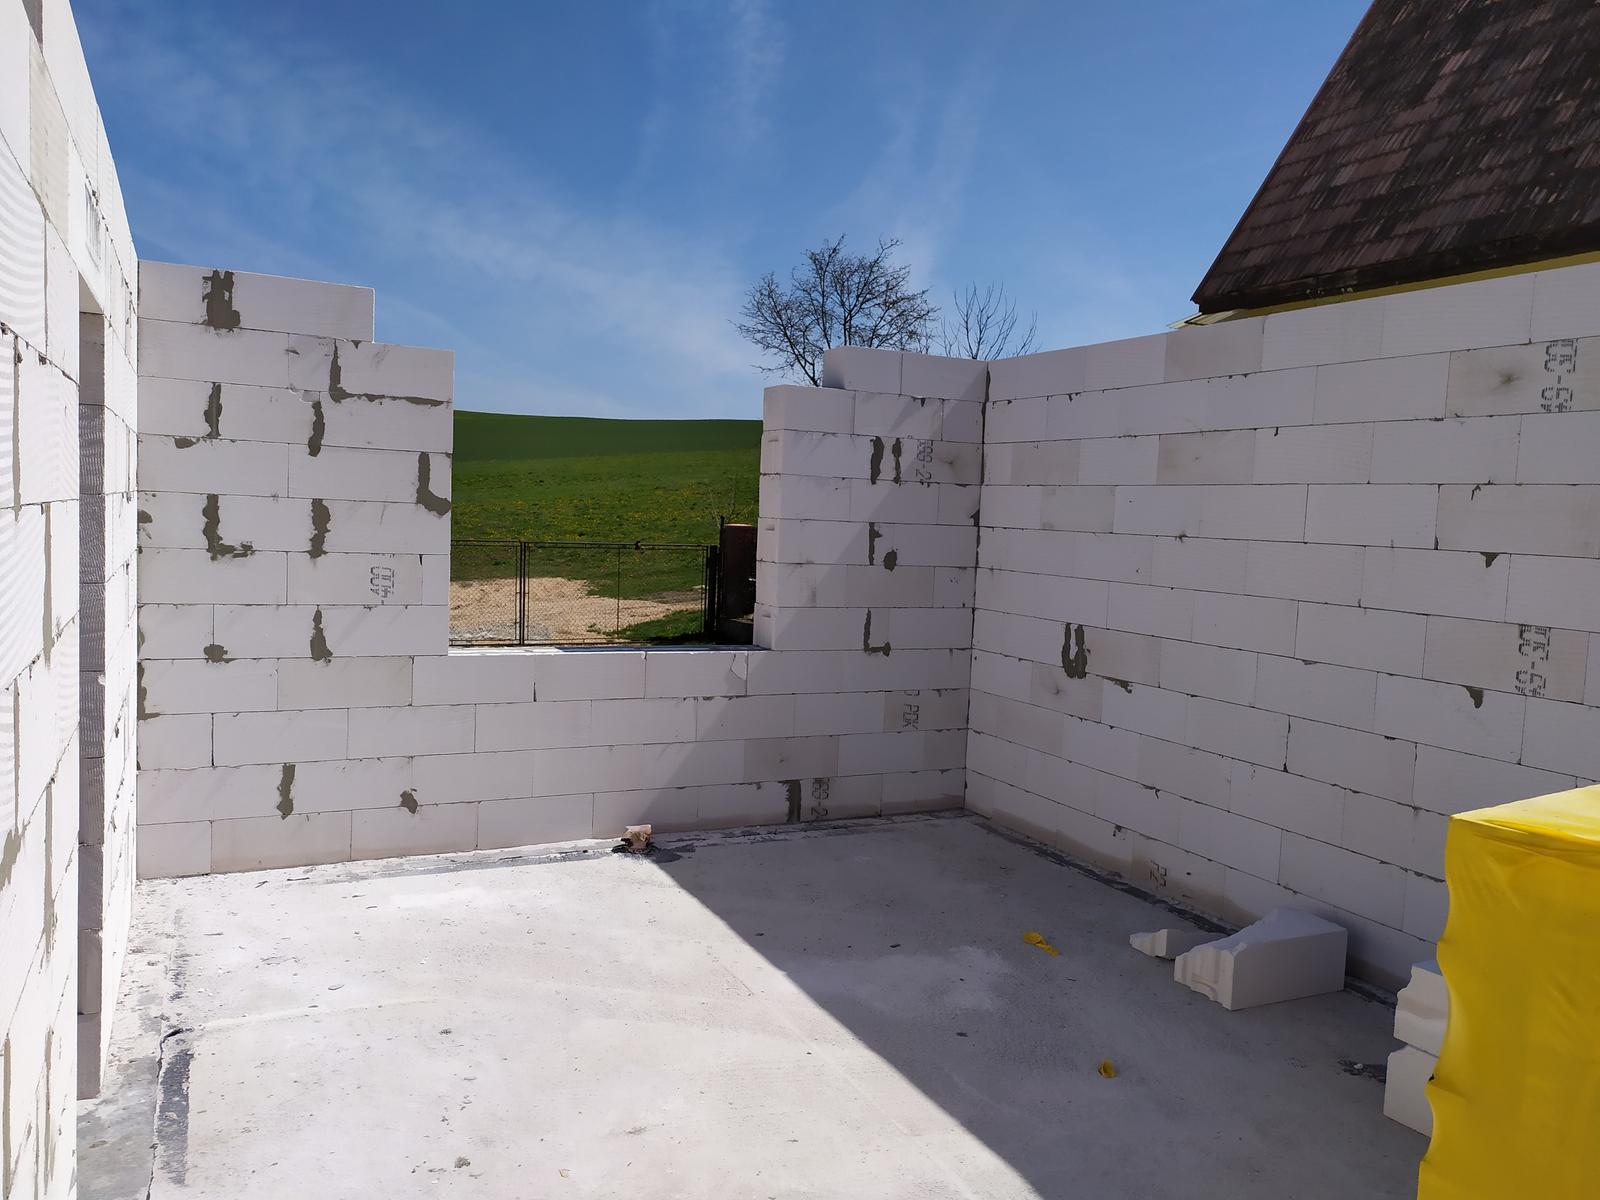 Stavba domu - Svojpomocne 🏠 - Tak tu bude tá slávna mega kuchyňa